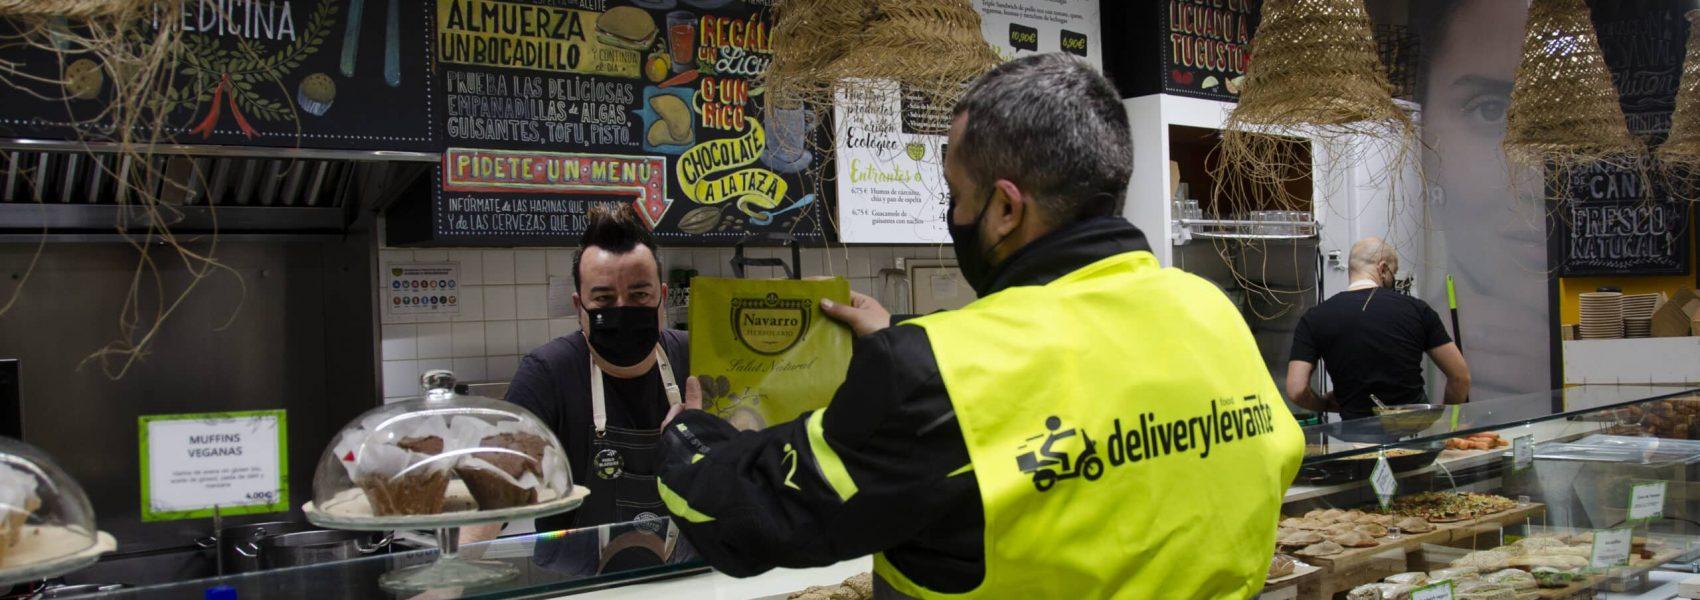 Envio a domicilio para comercios locales Valencia